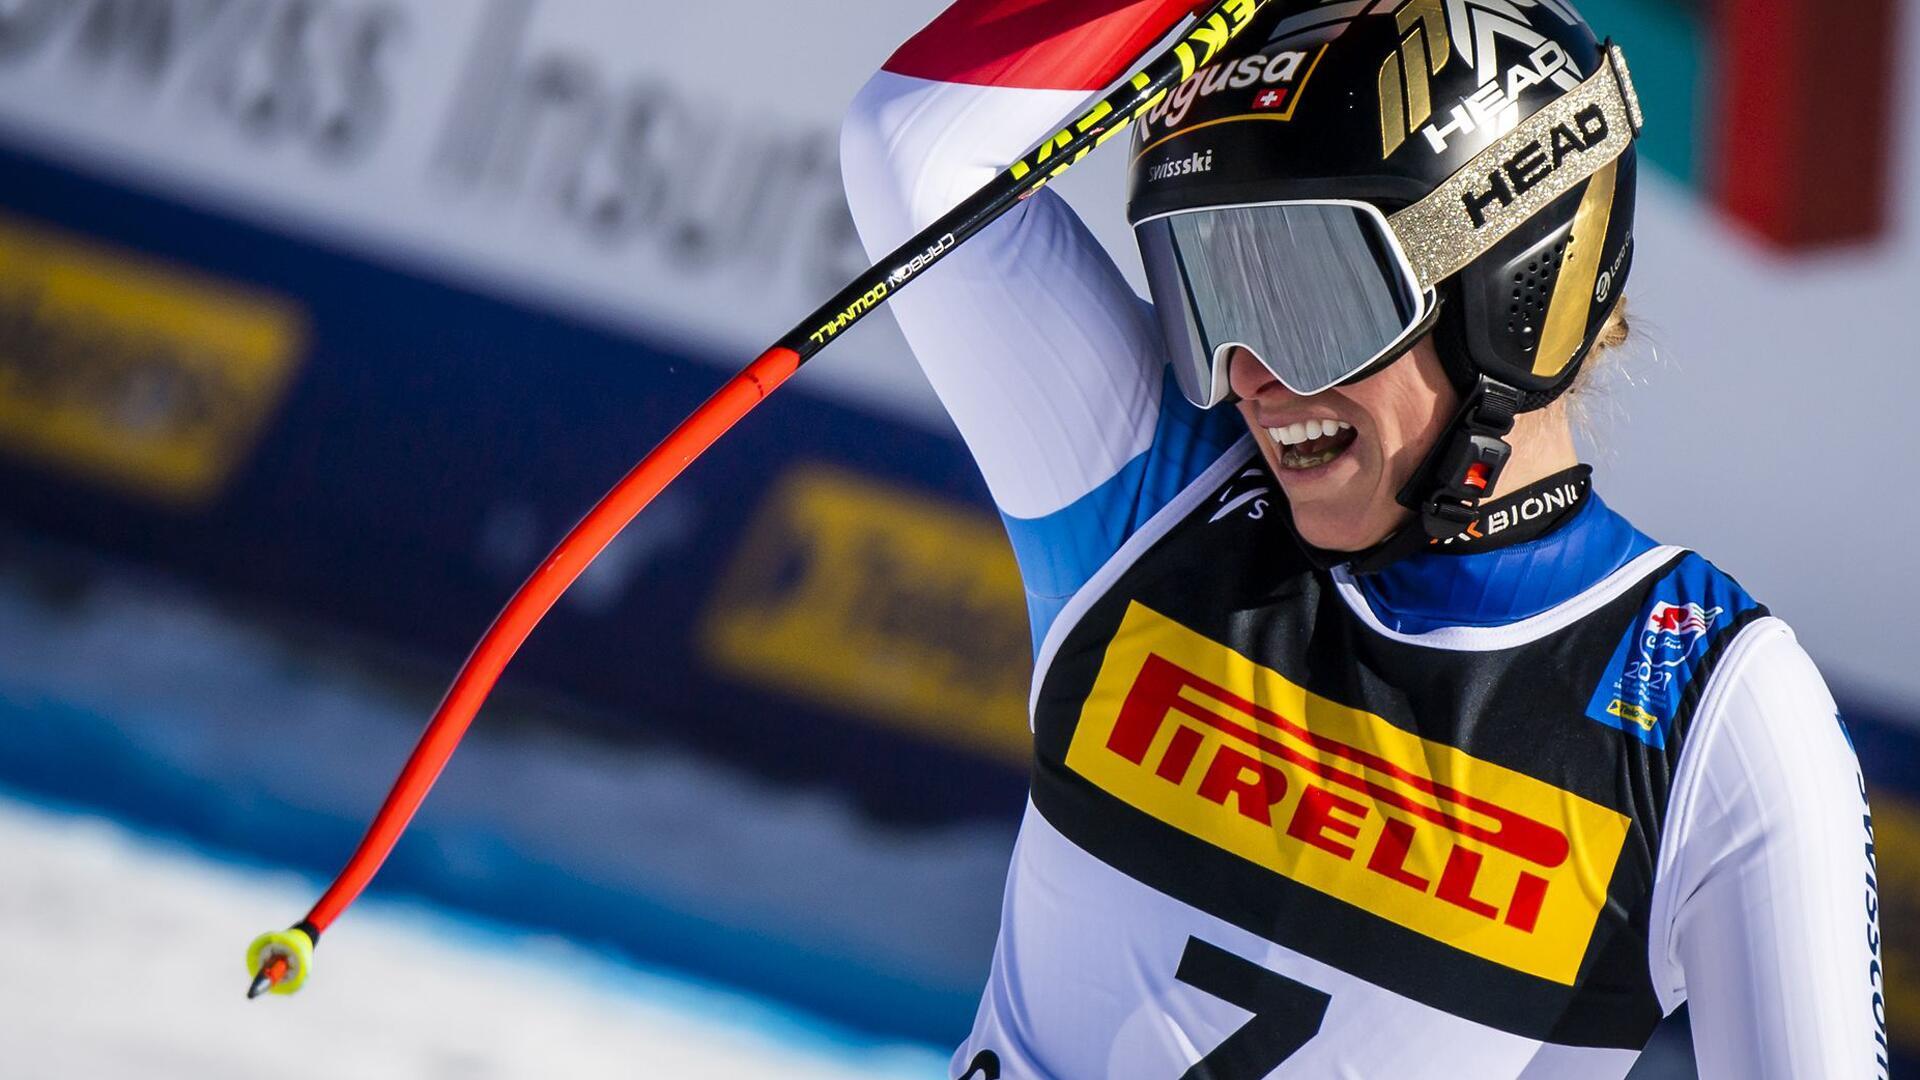 Bild zu Ski alpin: Weltmeisterschaft in Cortina d'Ampezzo